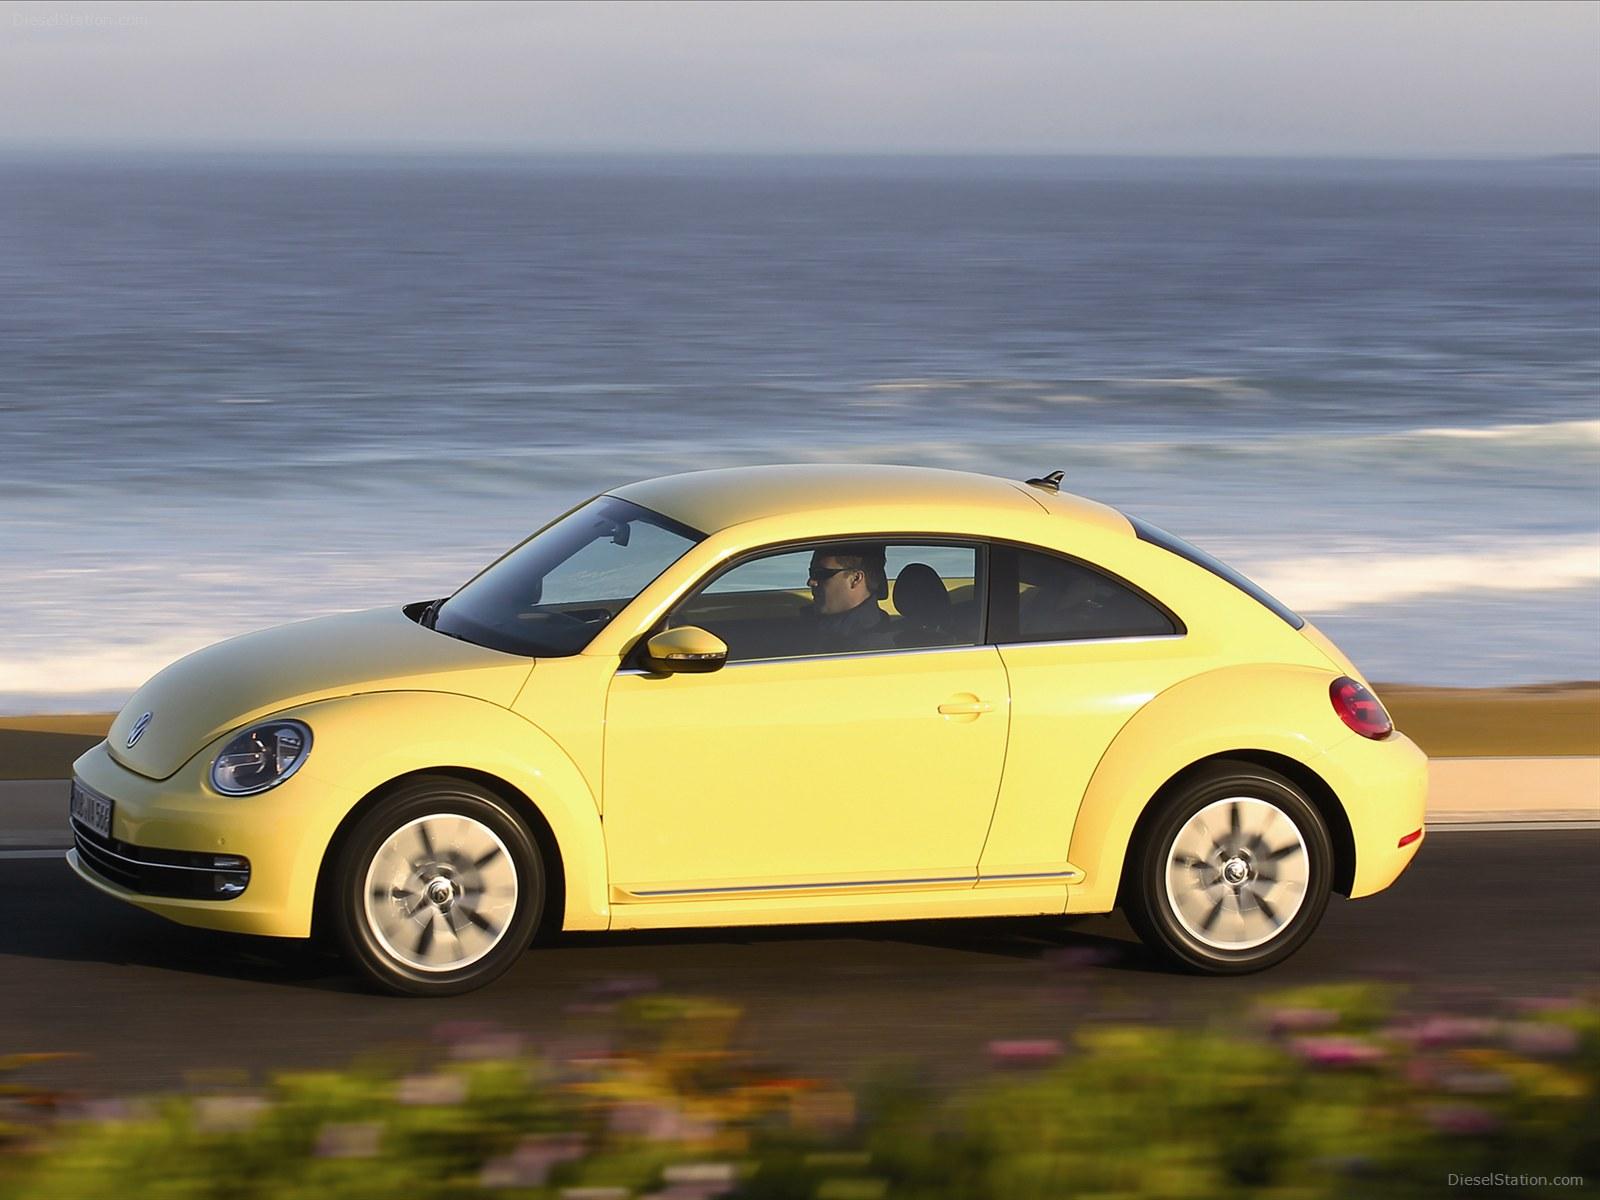 Cars Wallpapers12: Volkswagen Beetle 2012 Wallpaper